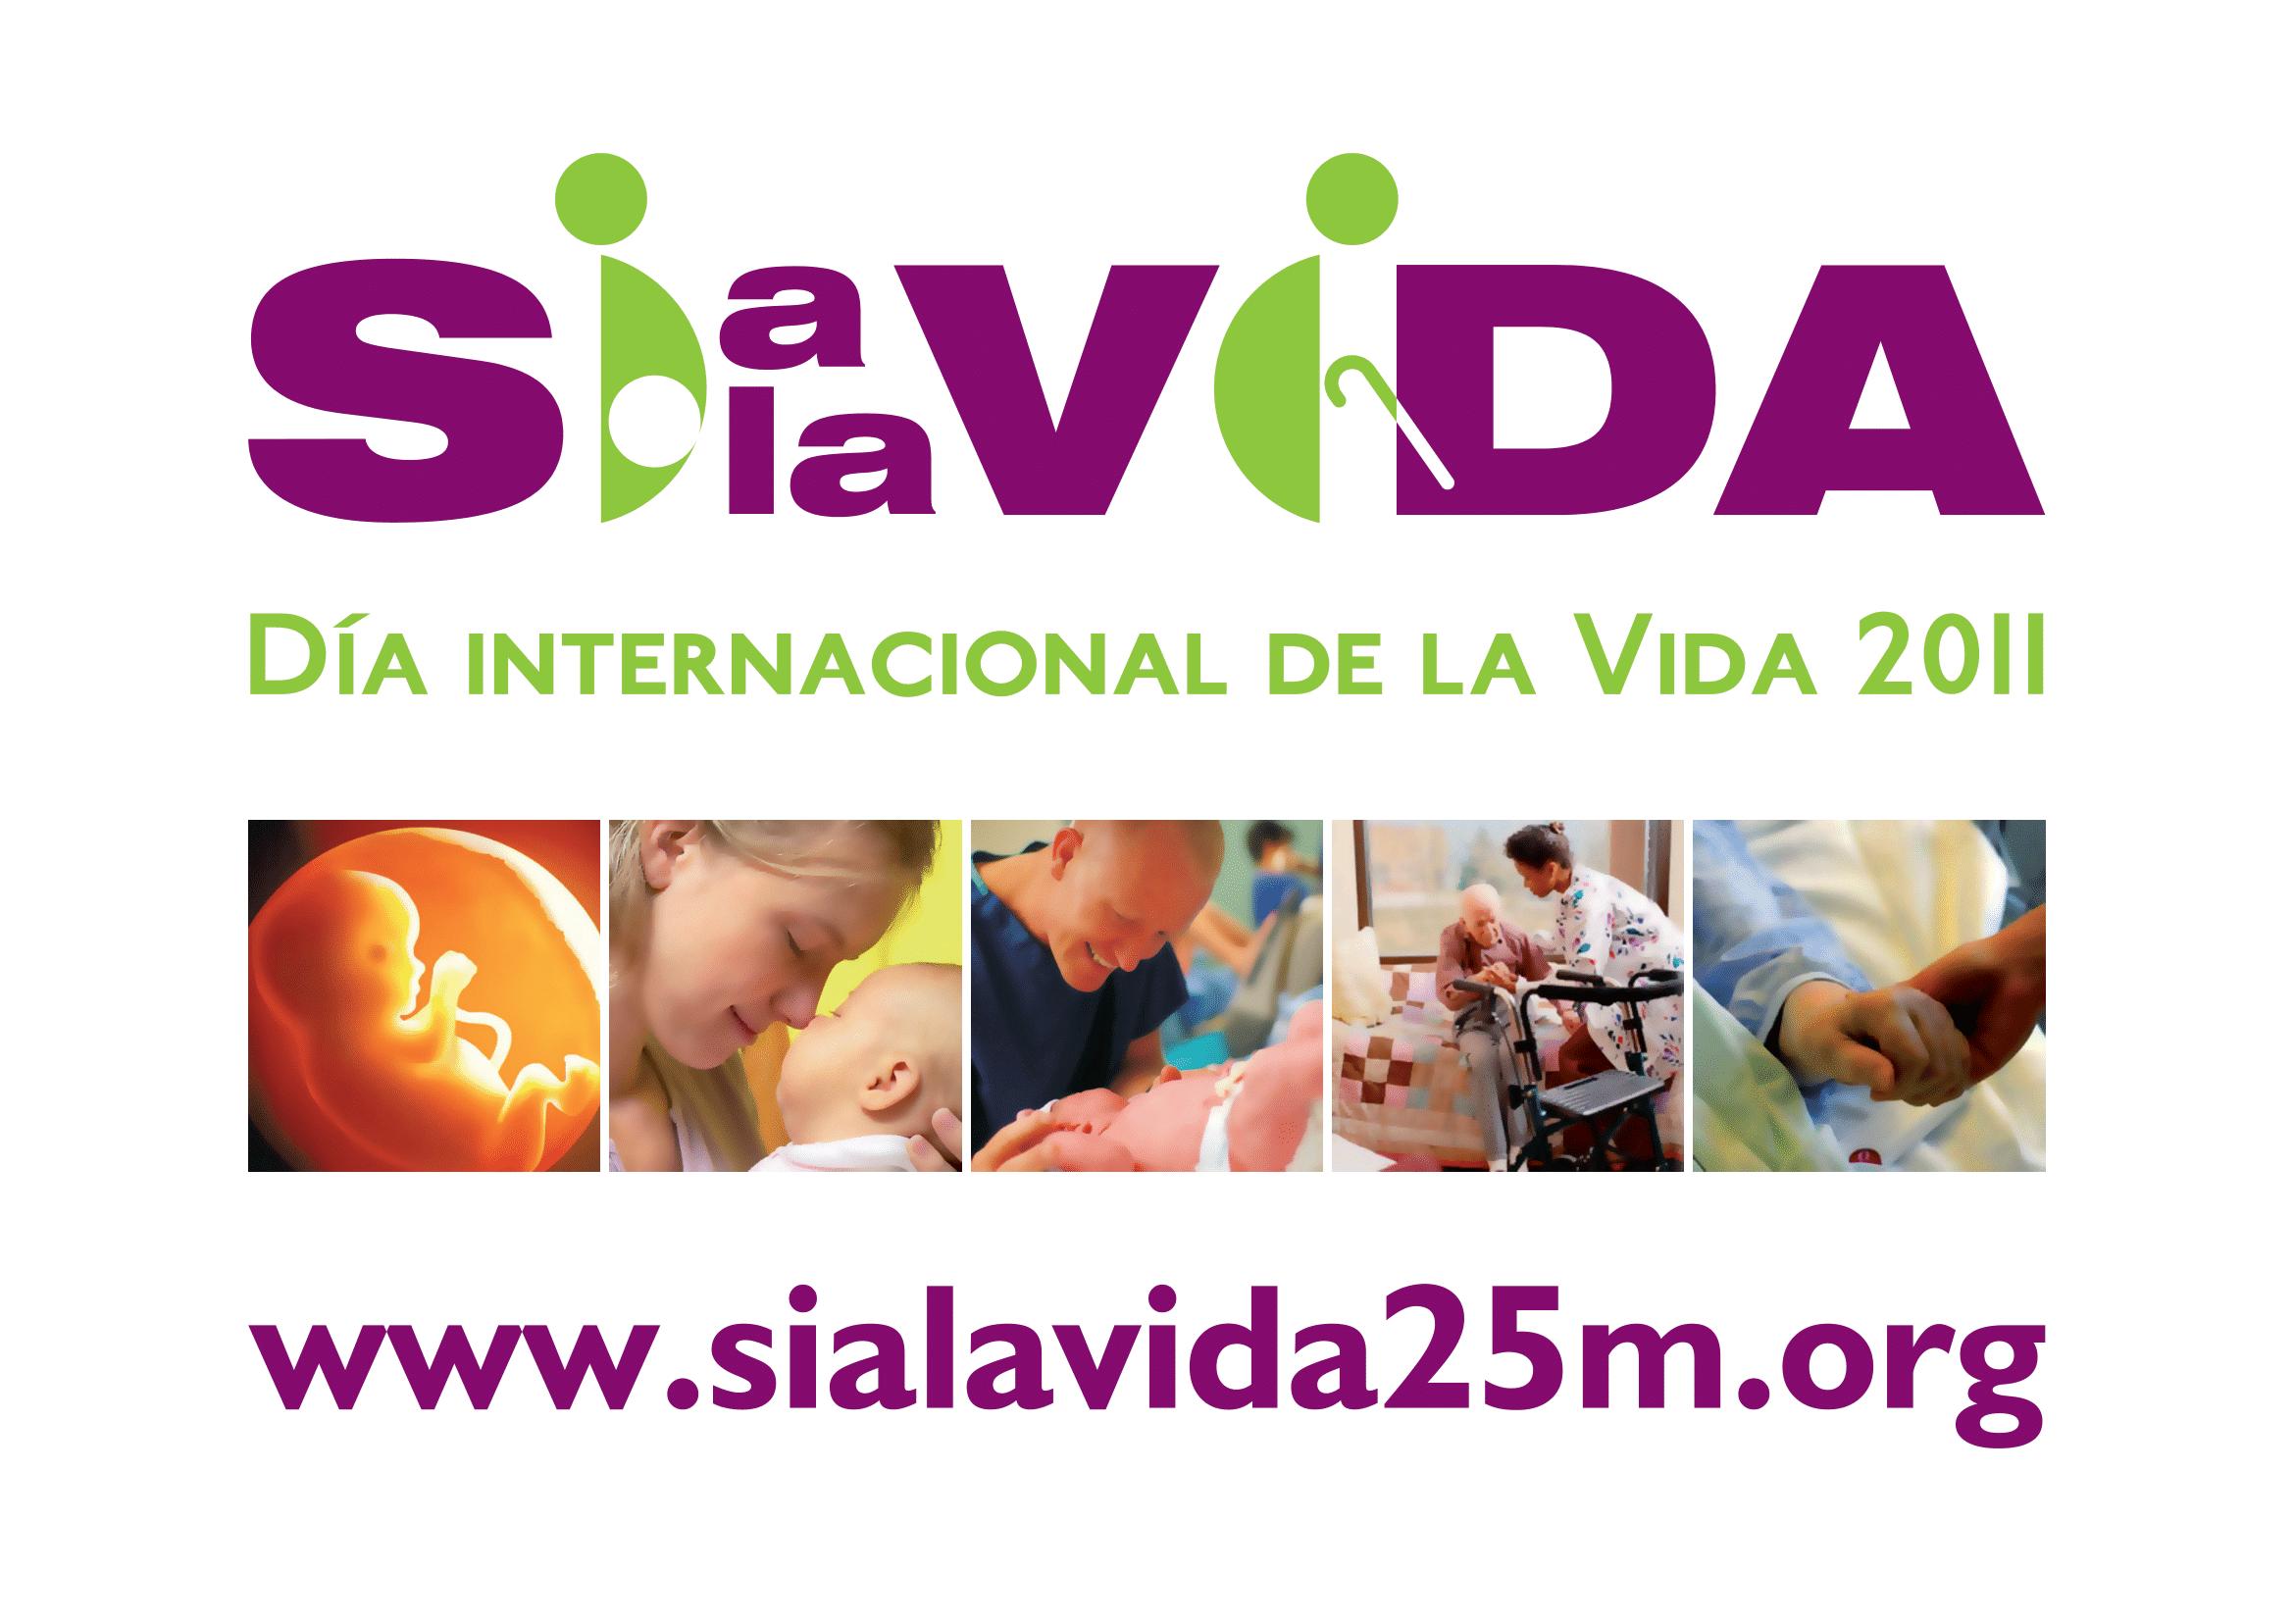 Pancarta del Dïa Internacional de la Vida 2011